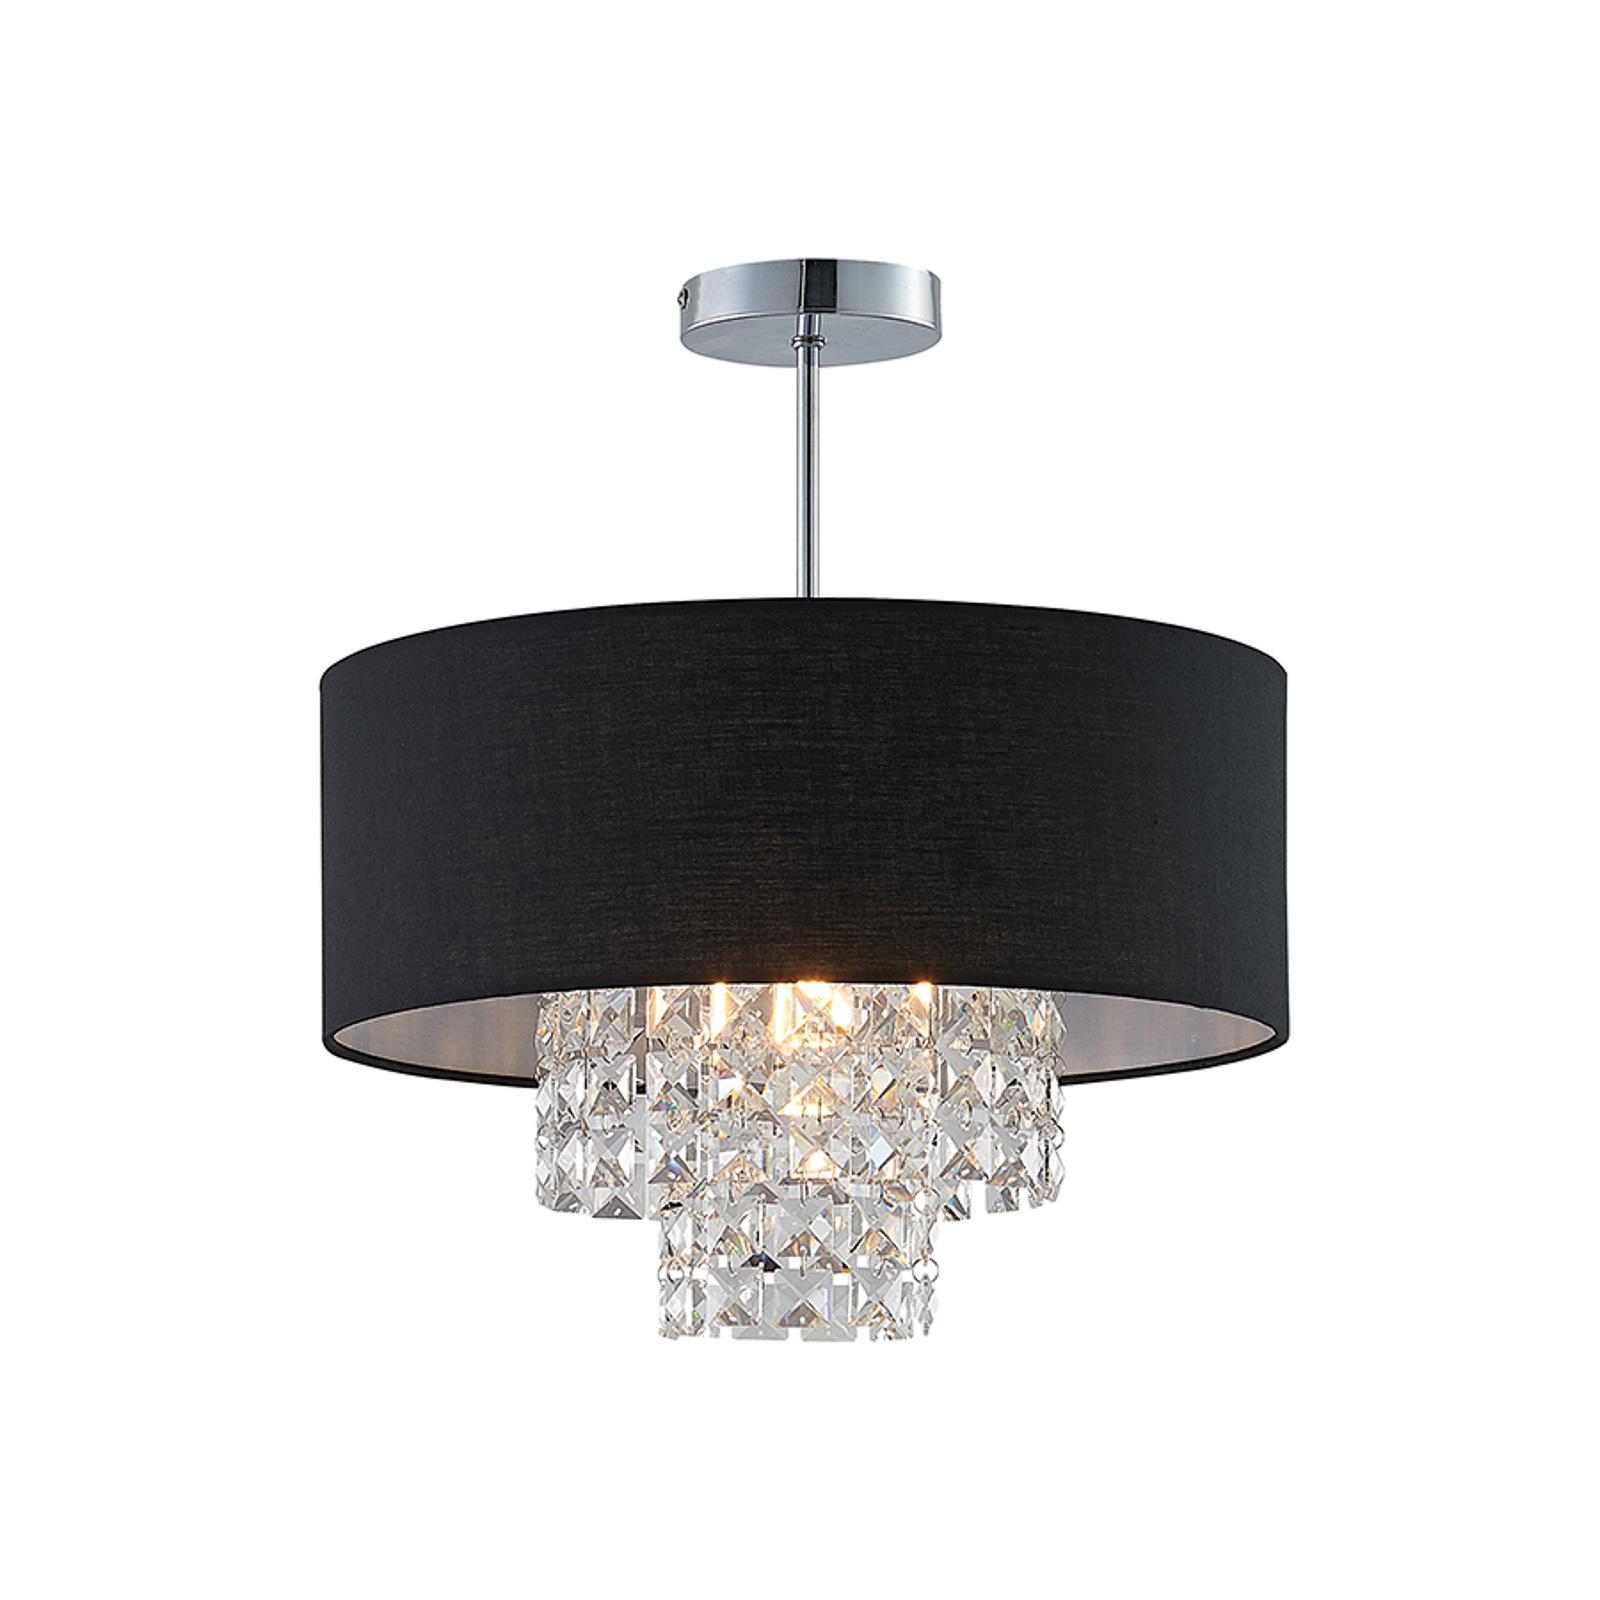 Lindby Estera taklampe med oppheng, svart